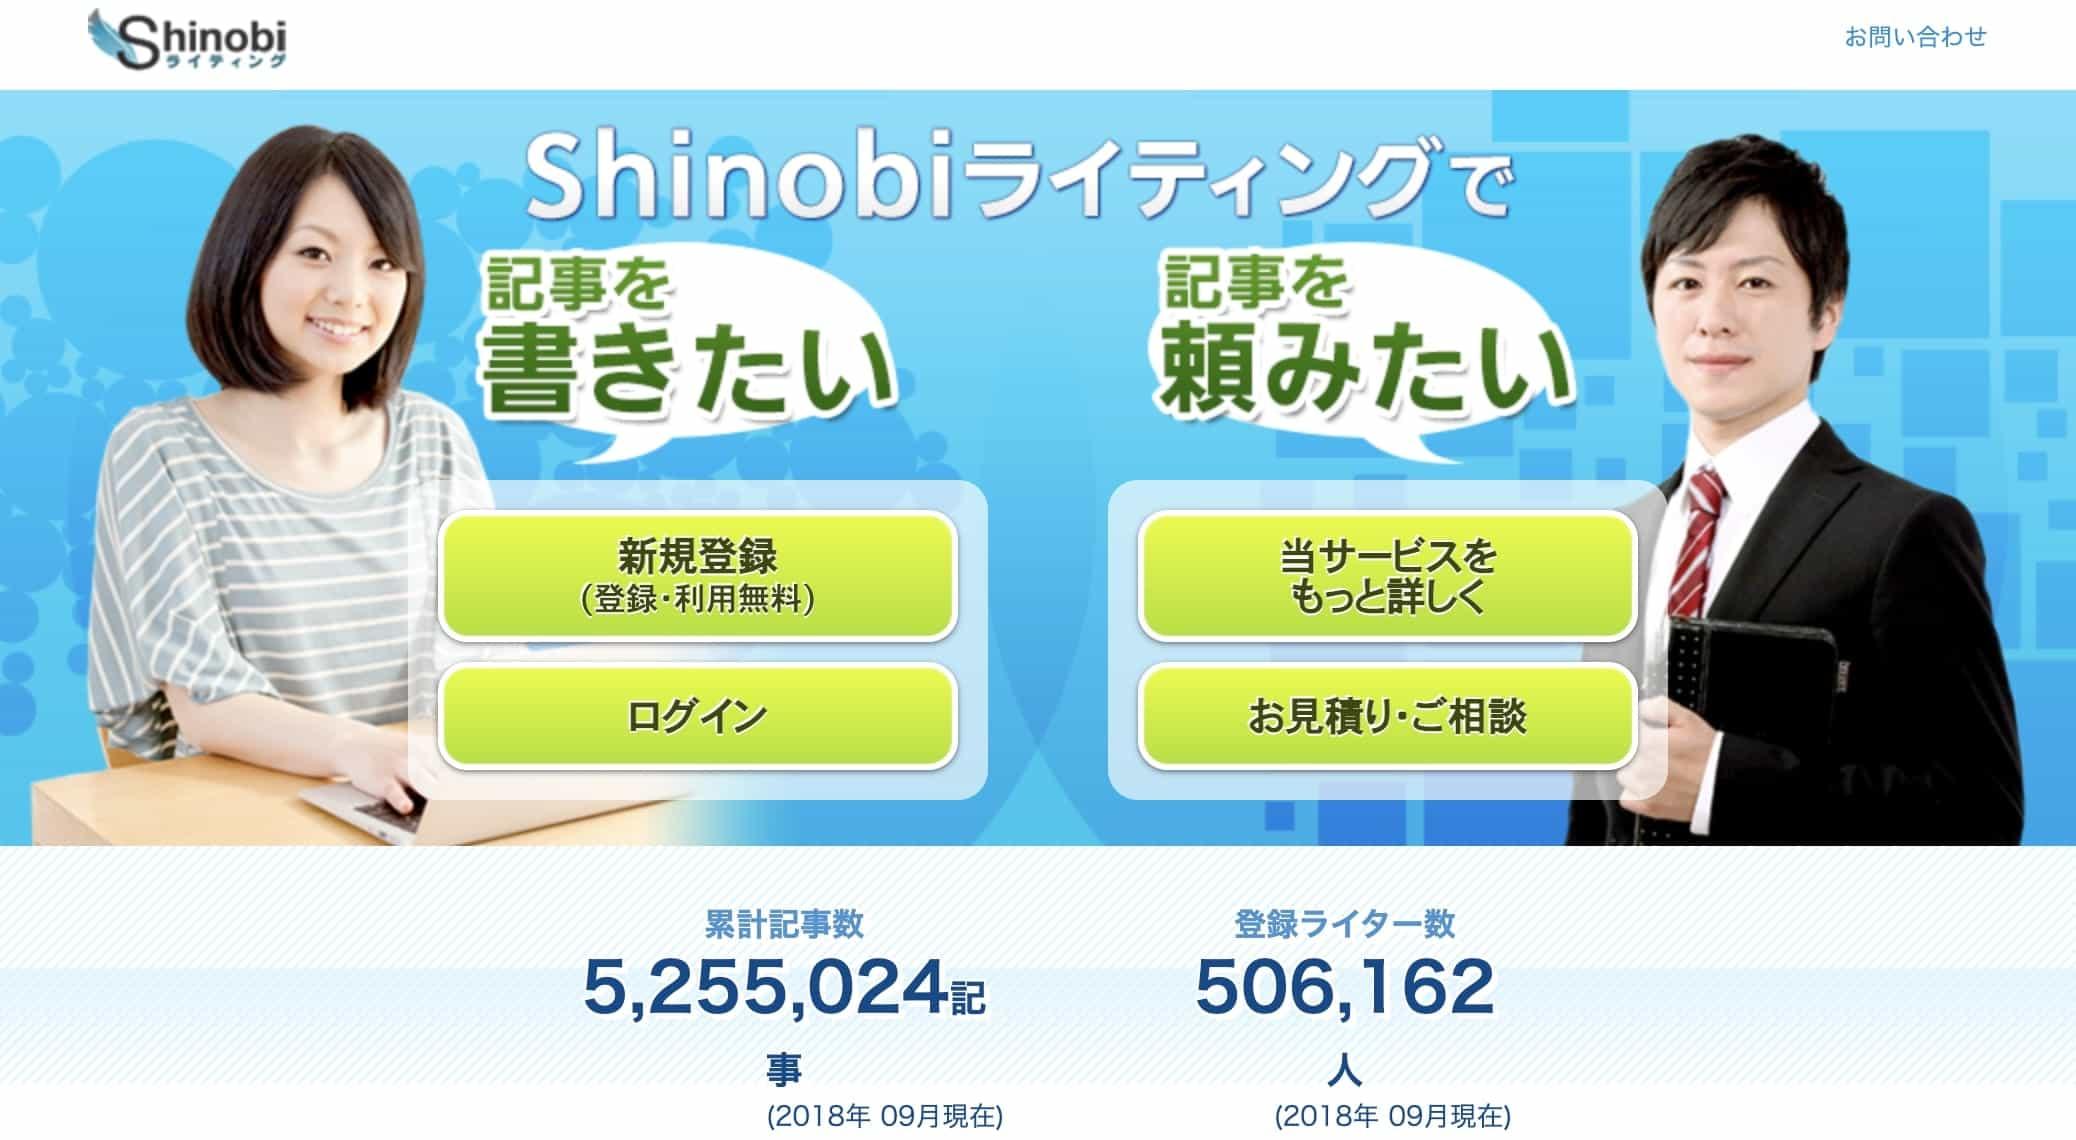 ライティングに特化した求人が多い「Shinobiライティング」